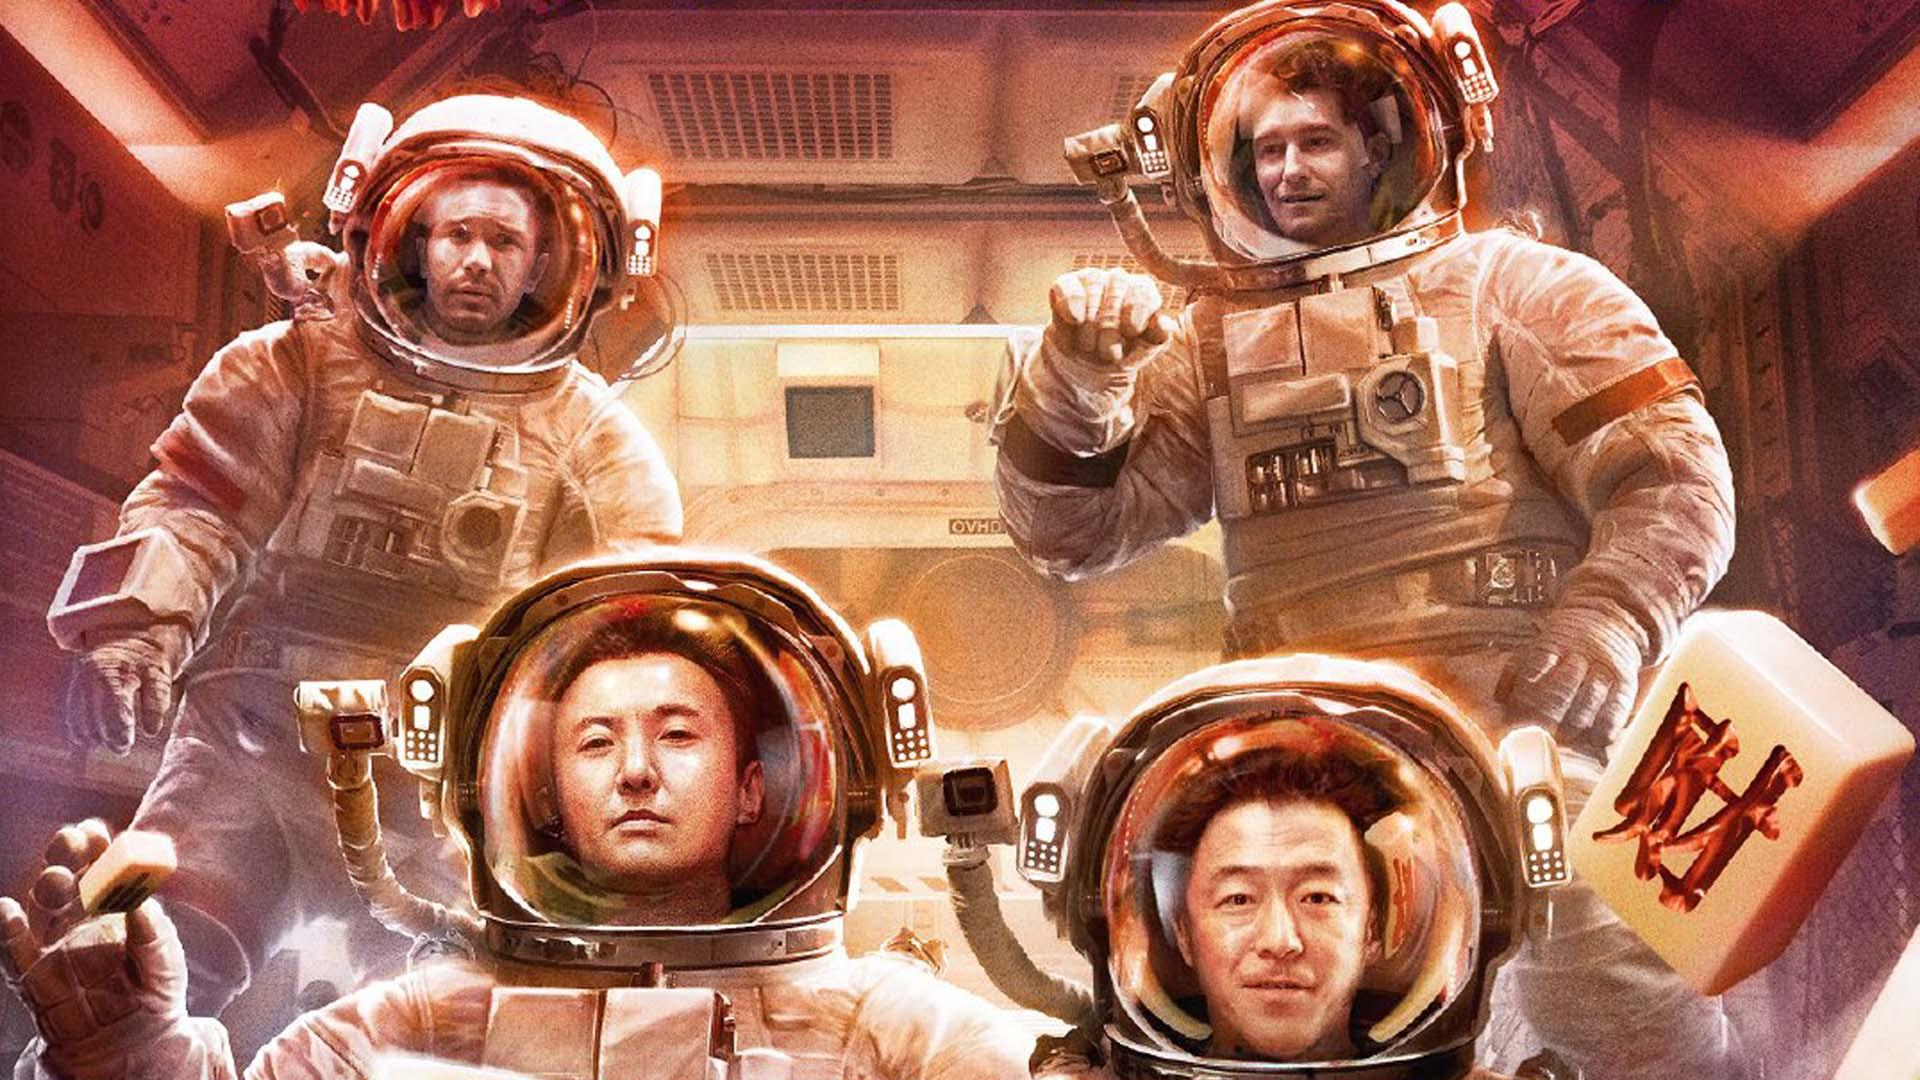 徐峥黄渤沈腾《疯狂的外星人》能否在2019年春节贺岁档突出重围?